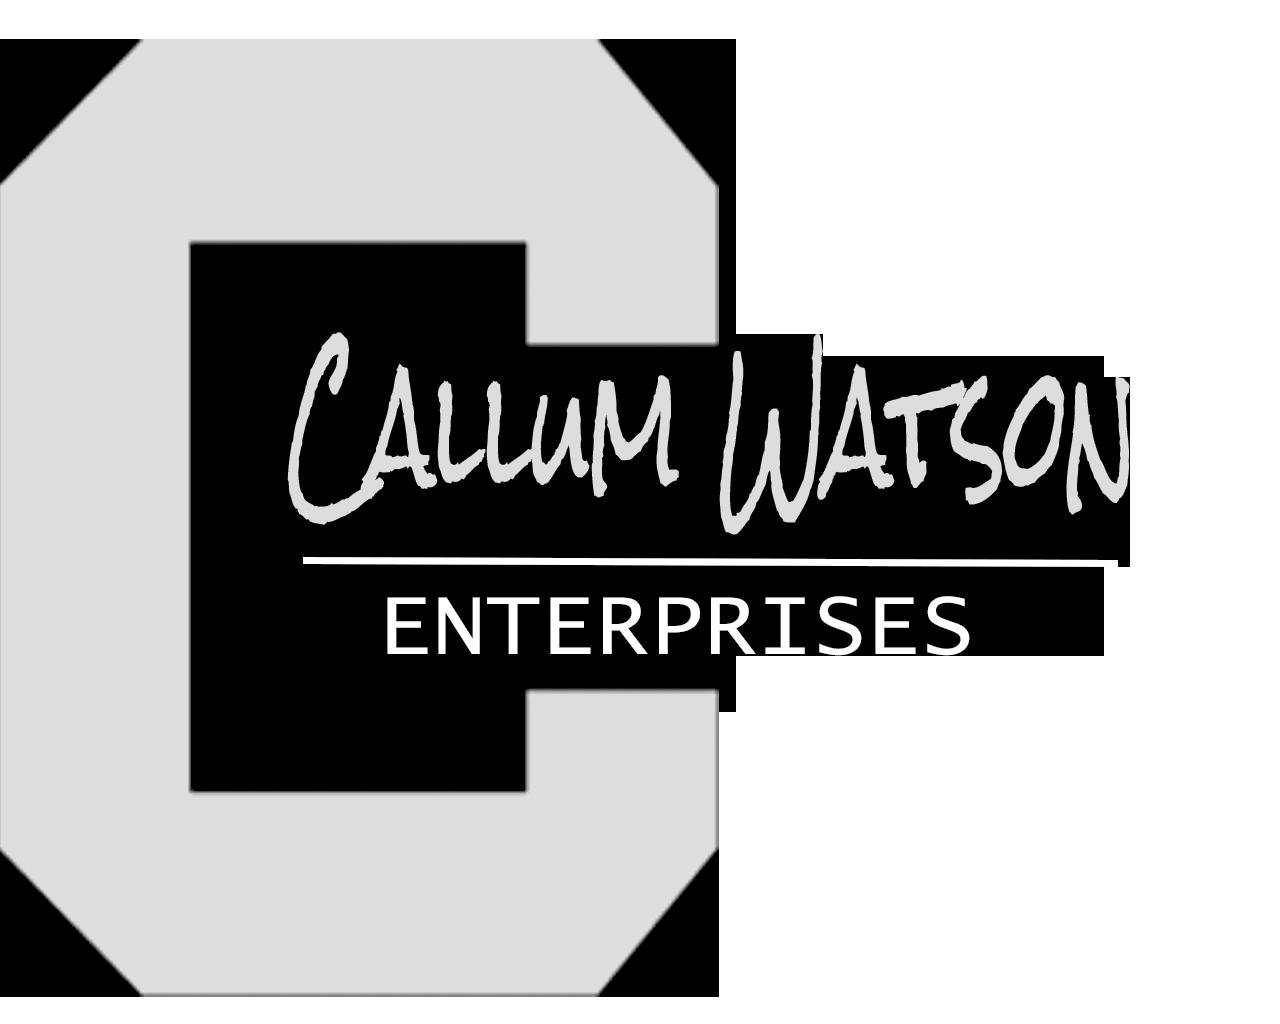 Callum Watson Enterprises Logo